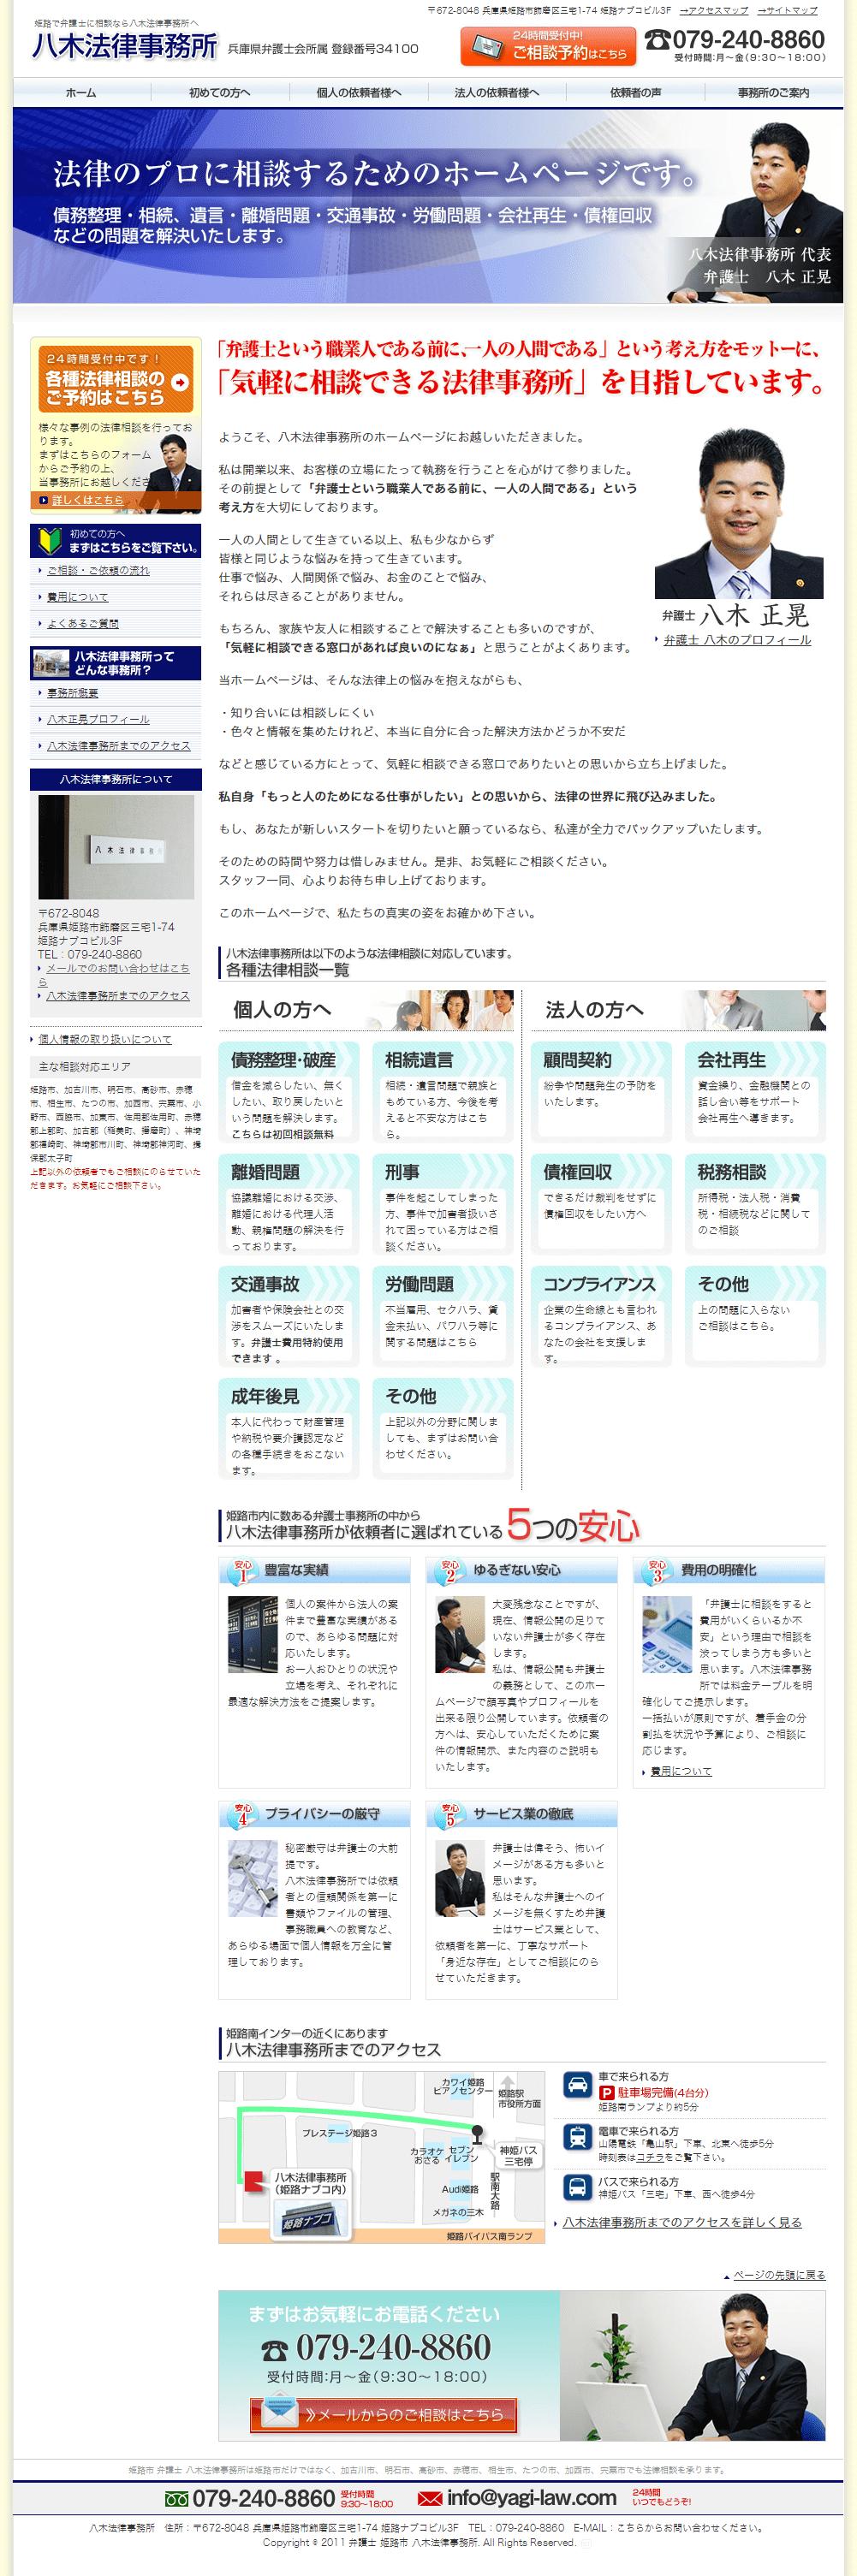 姫路市 八木法律事務所様 ホームページ制作1